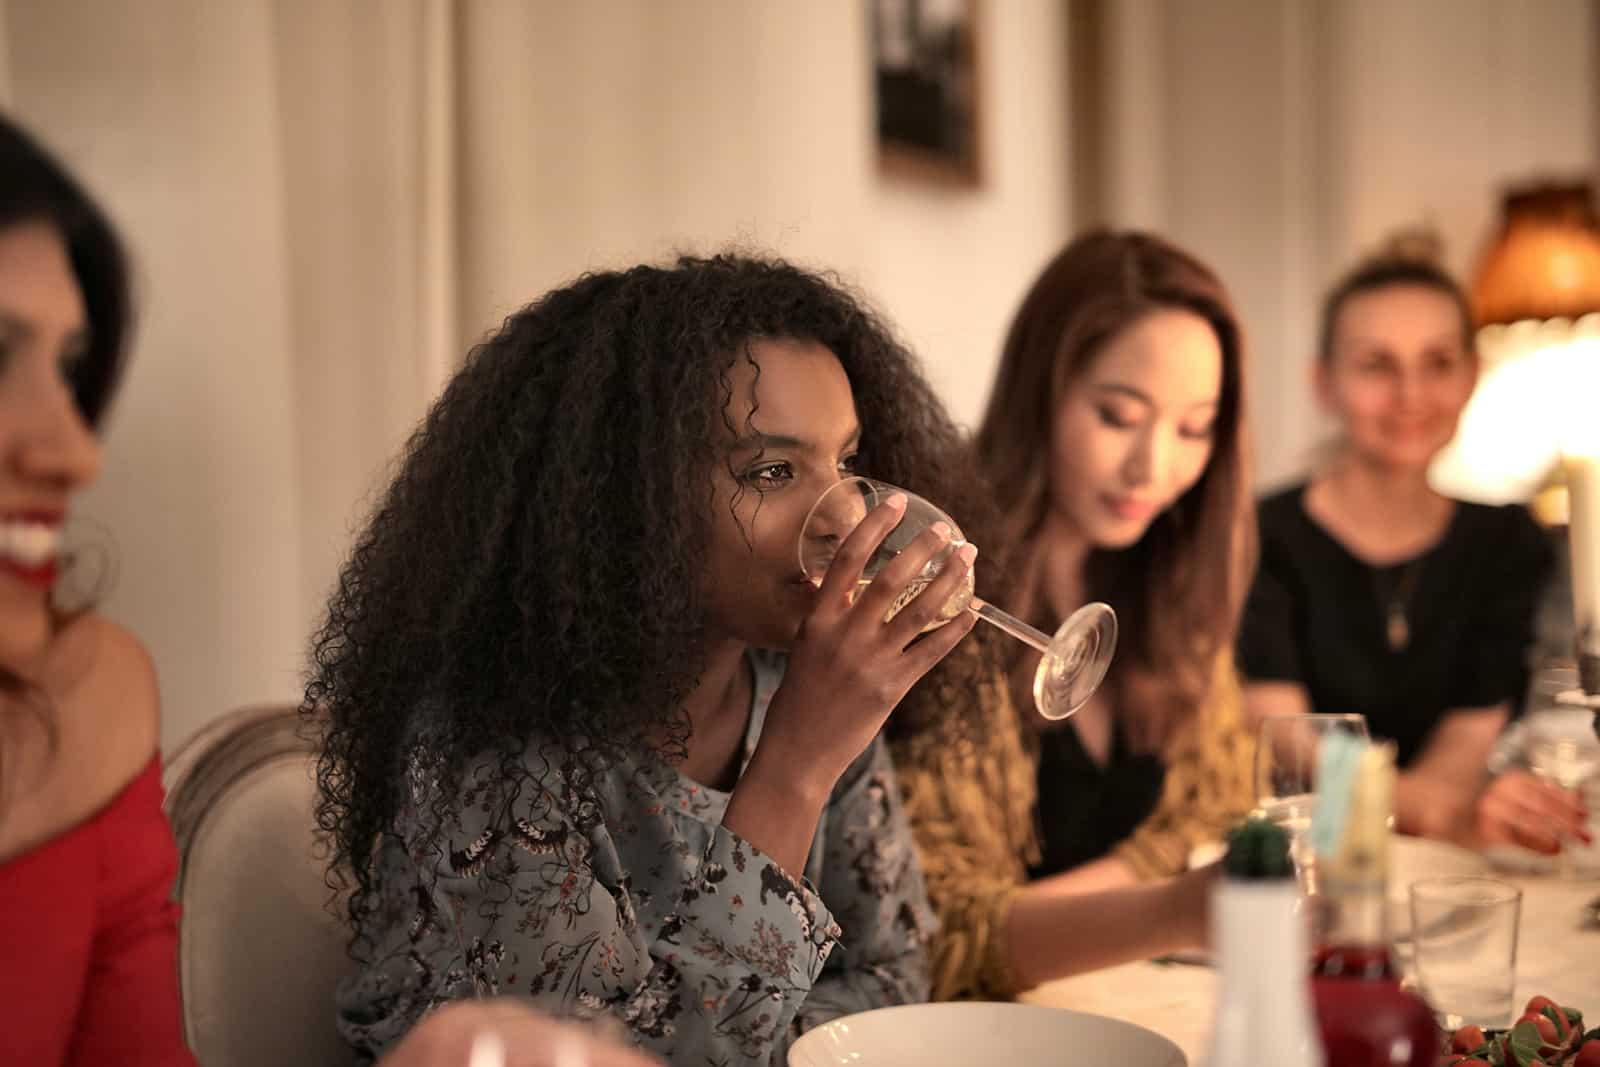 une femme buvant du vin avec des amis au dîner